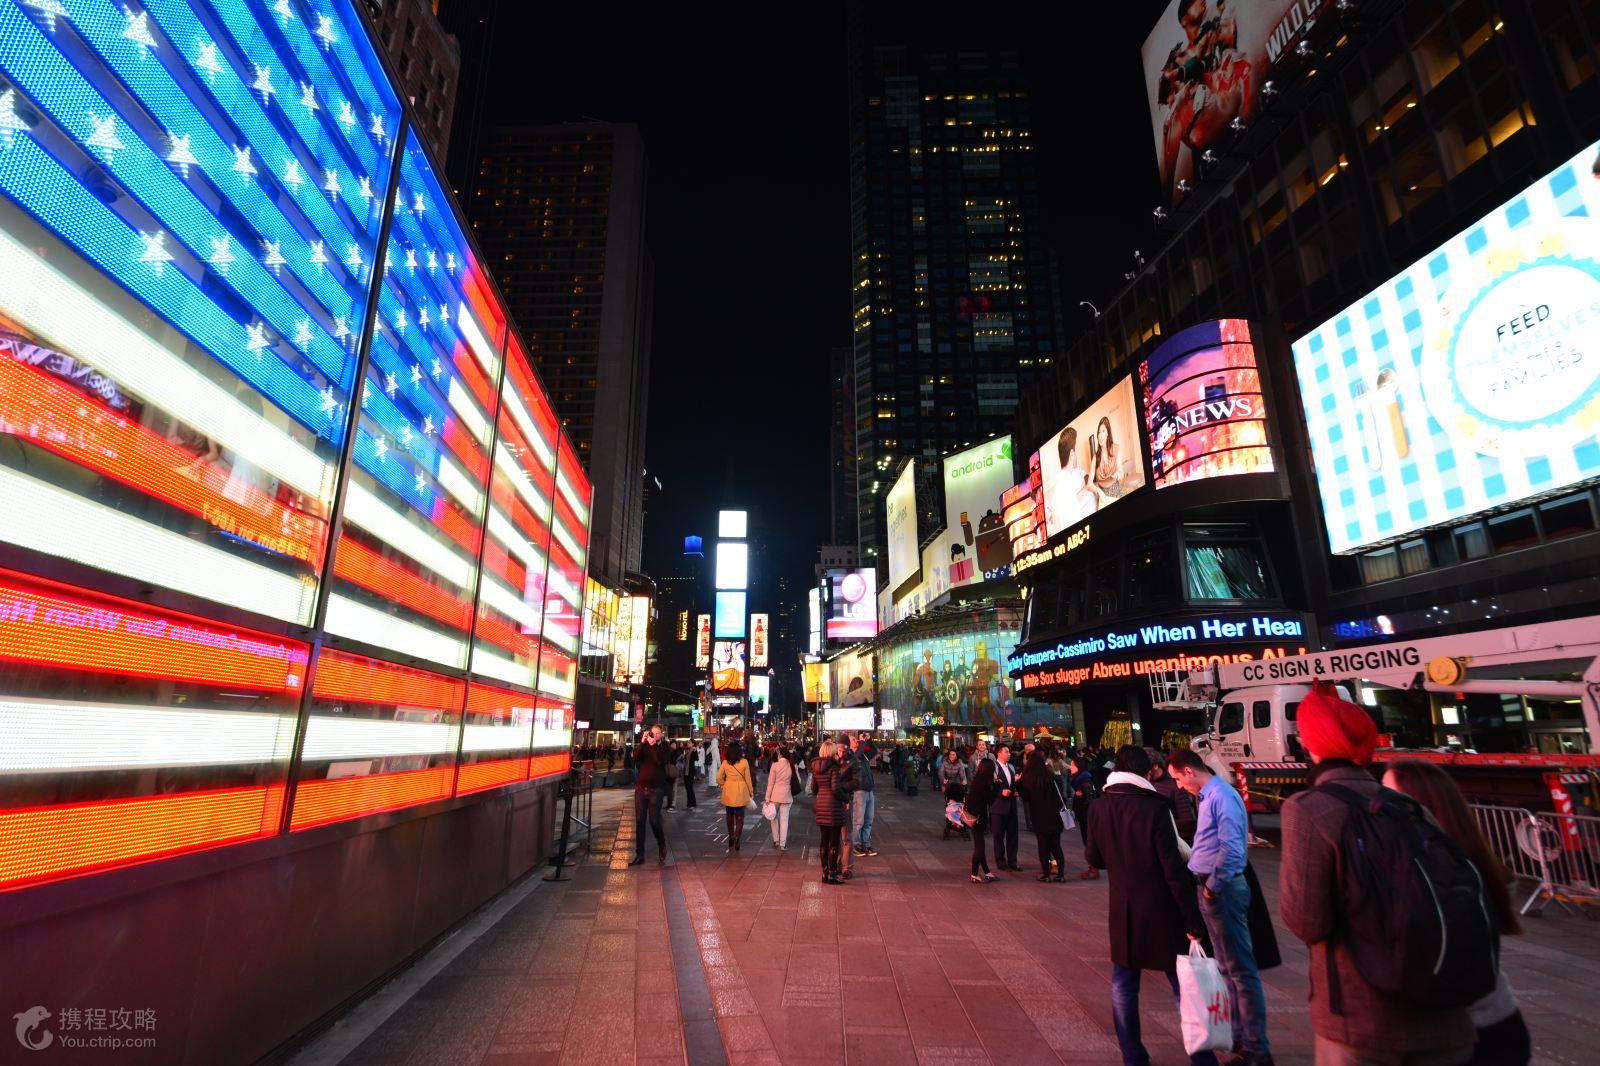 纽约距离华盛顿多远_华盛顿到纽约的距离-纽约到华盛顿多远/波士顿到纽约的距离 ...